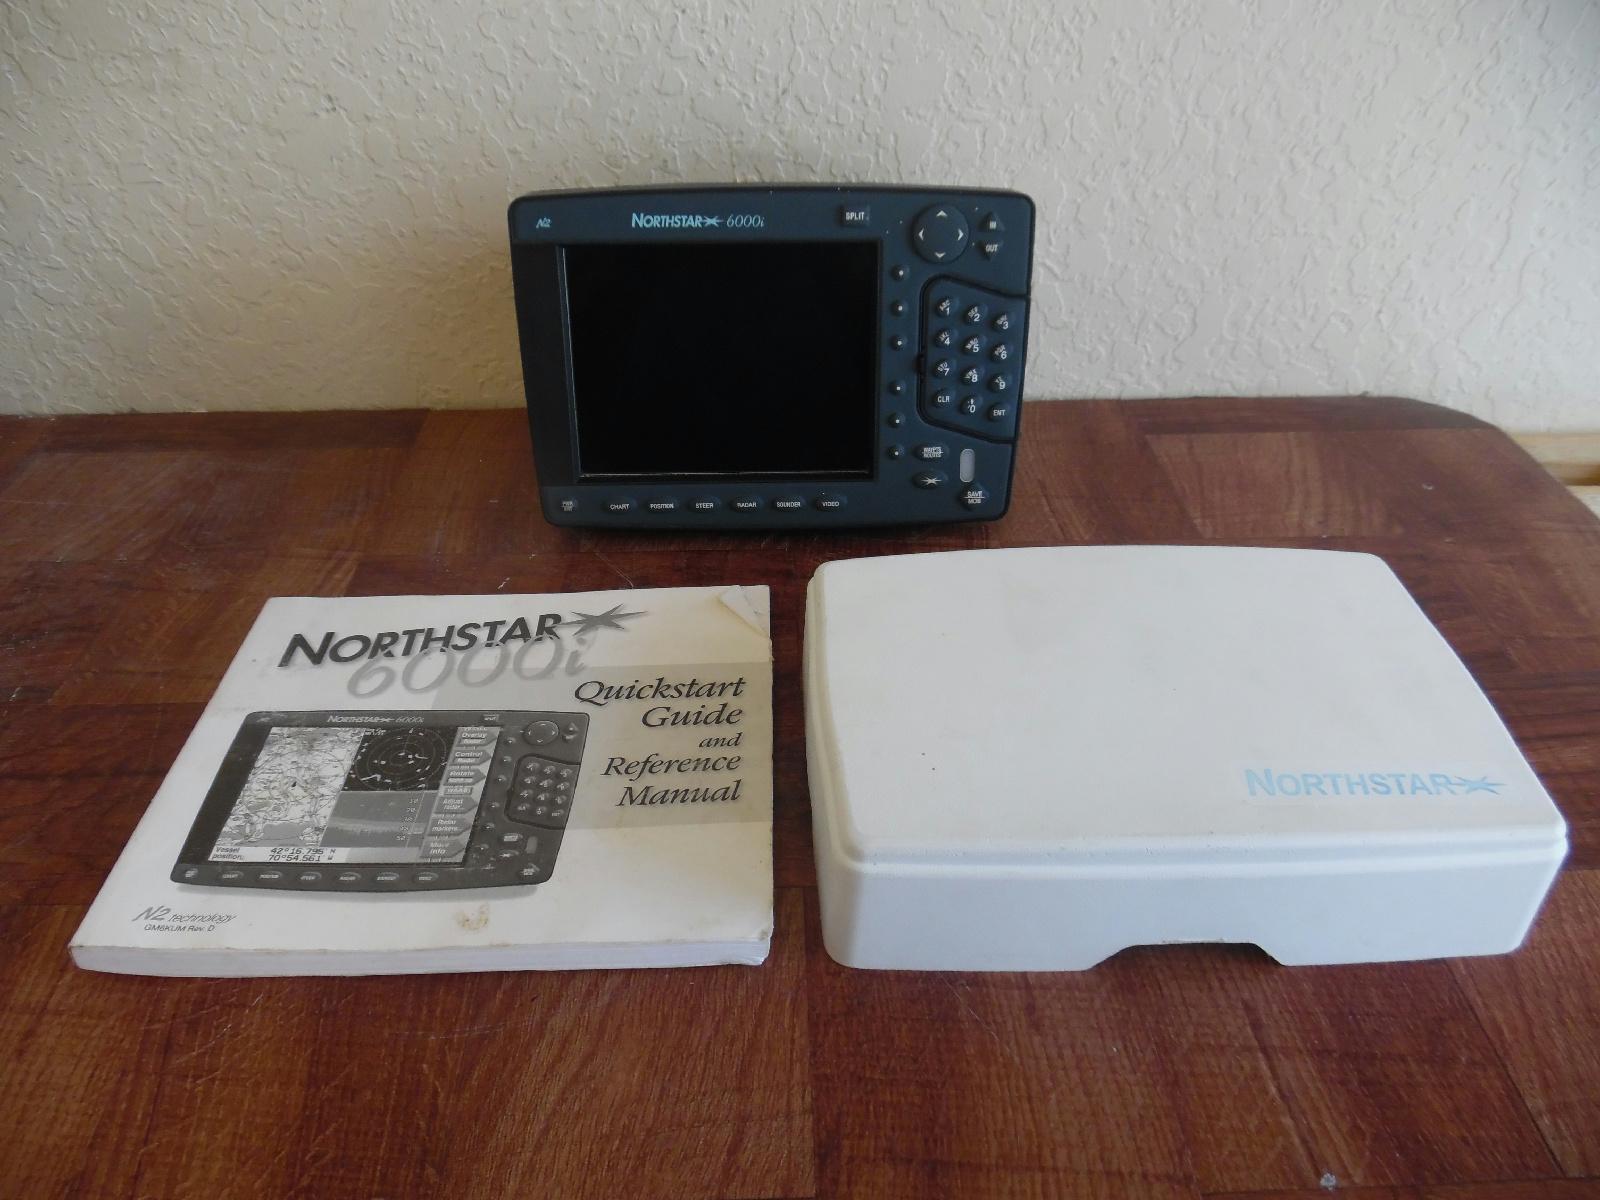 Northstar card reader